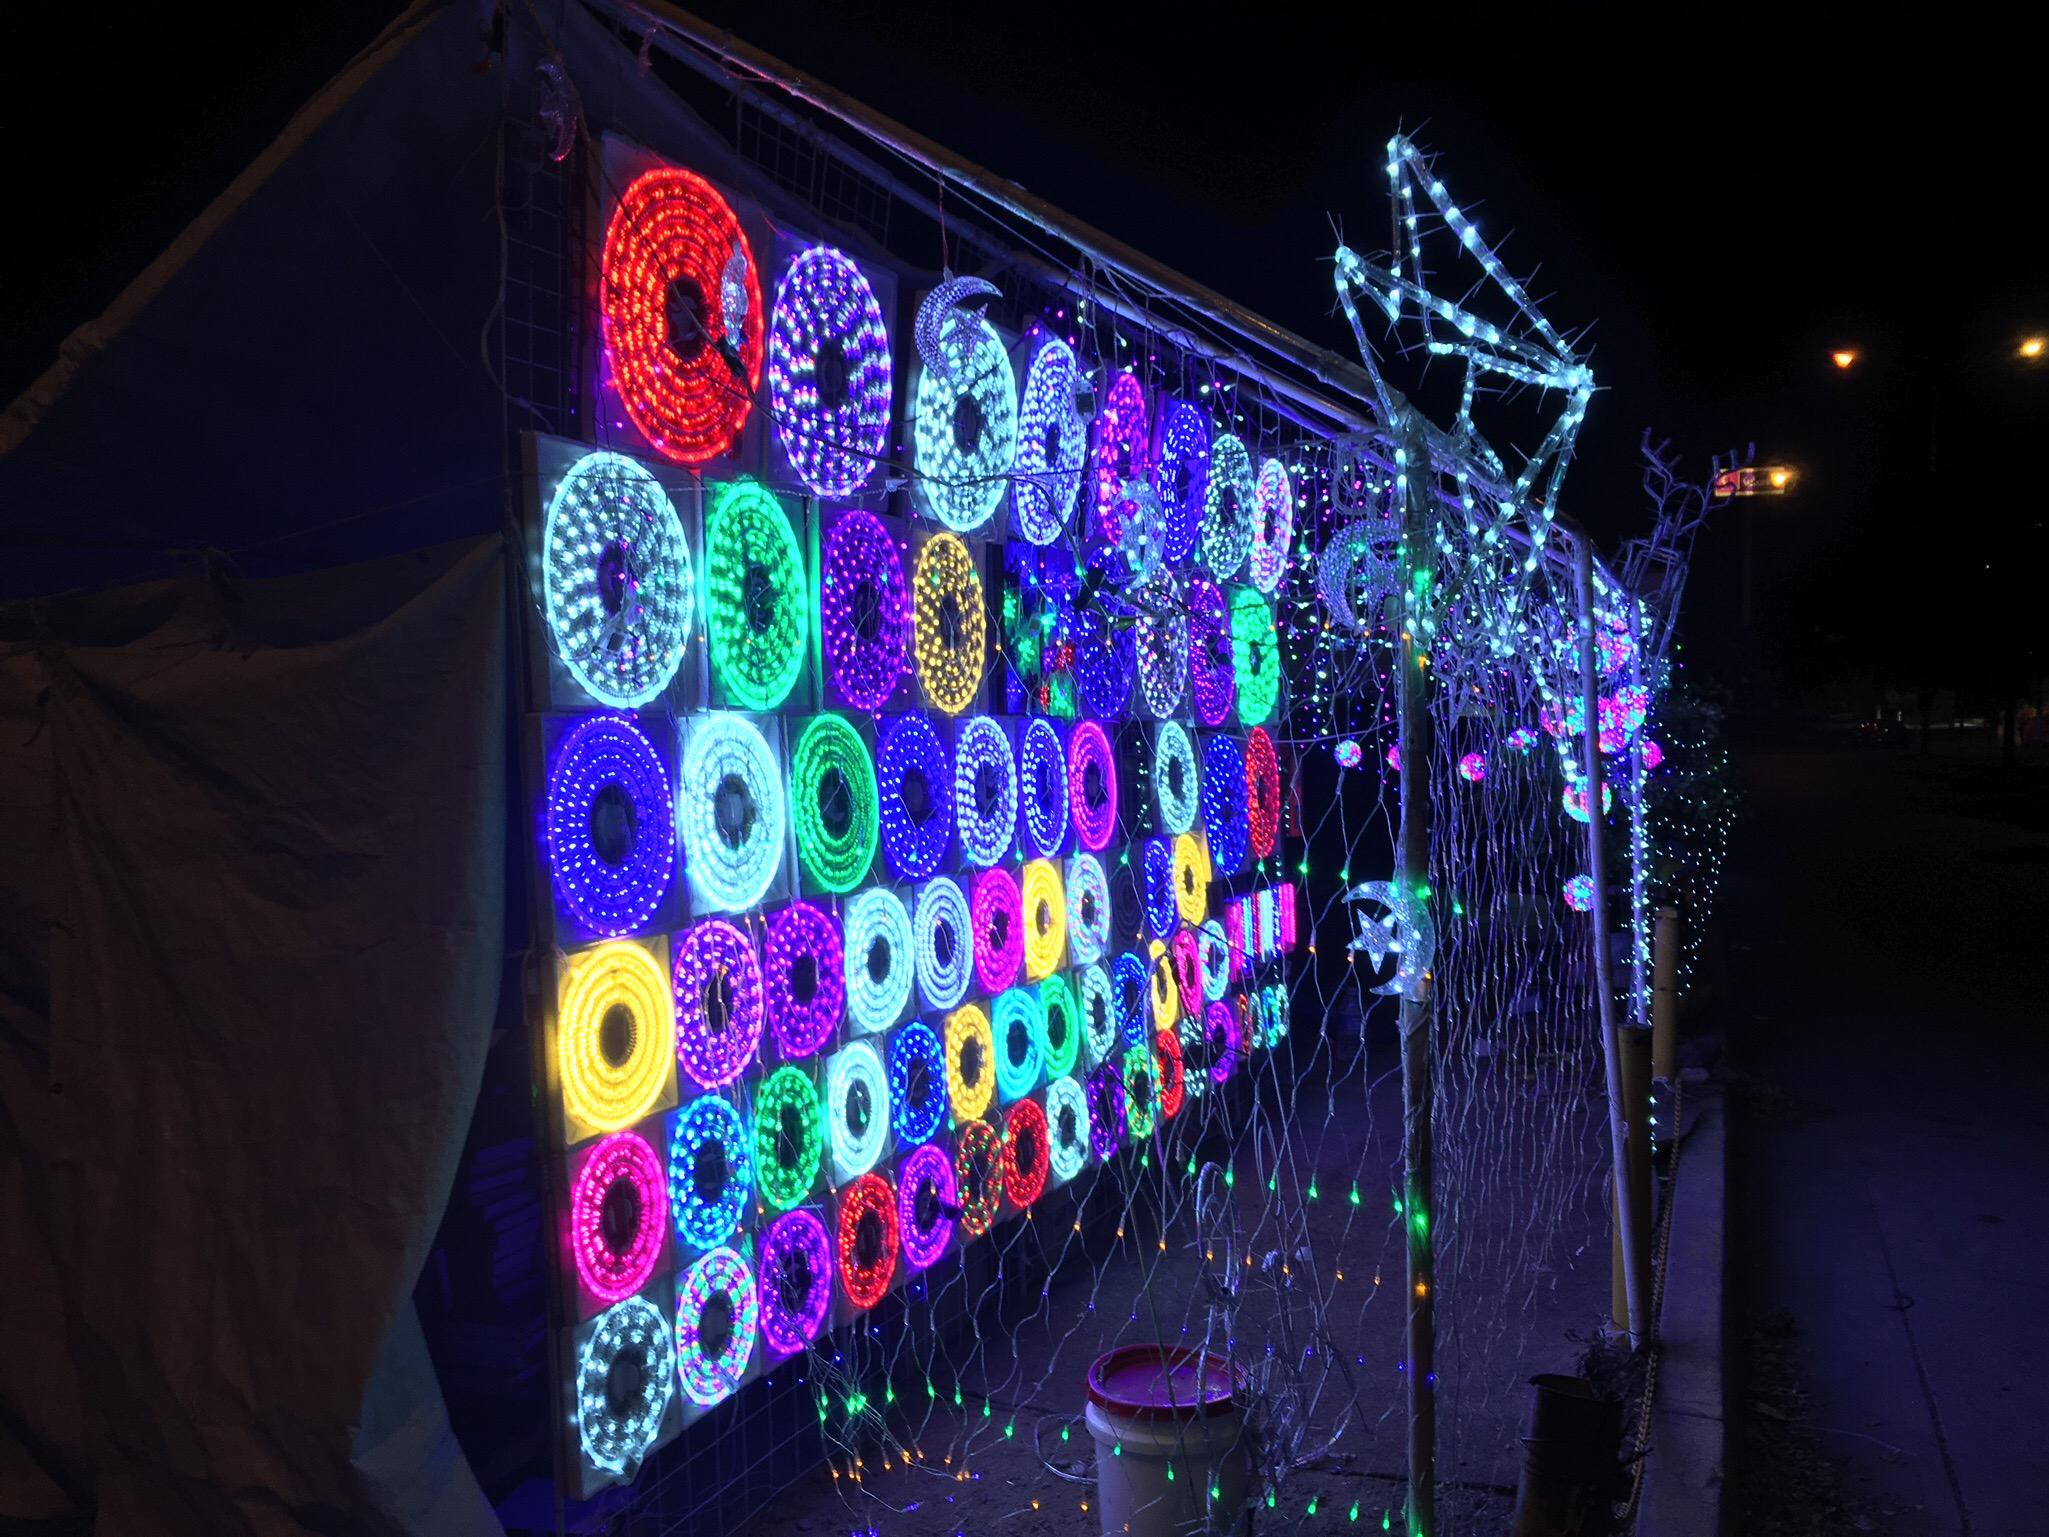 Klassische mexikanische Weihnachtsbeleuchtung. Finden wir ein wenig befremdlich!